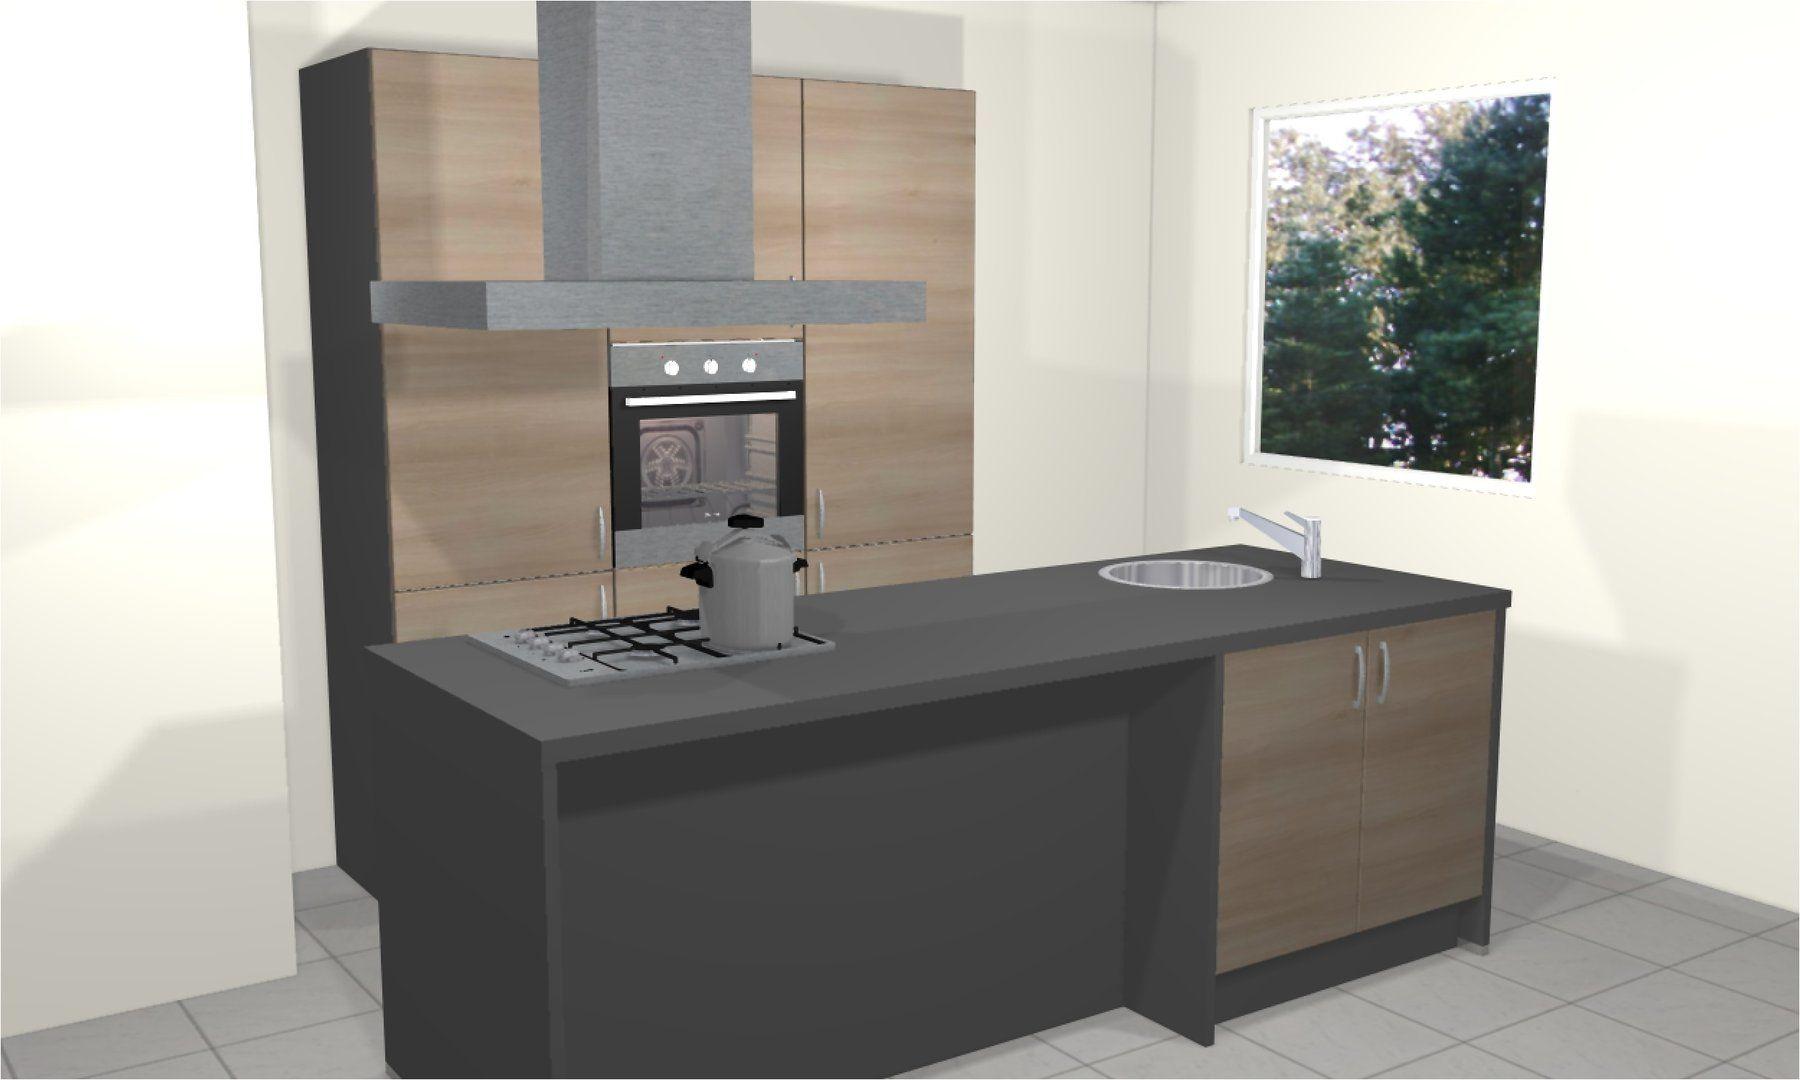 Keuken artego met kookeiland rechts laagste prijs keuken